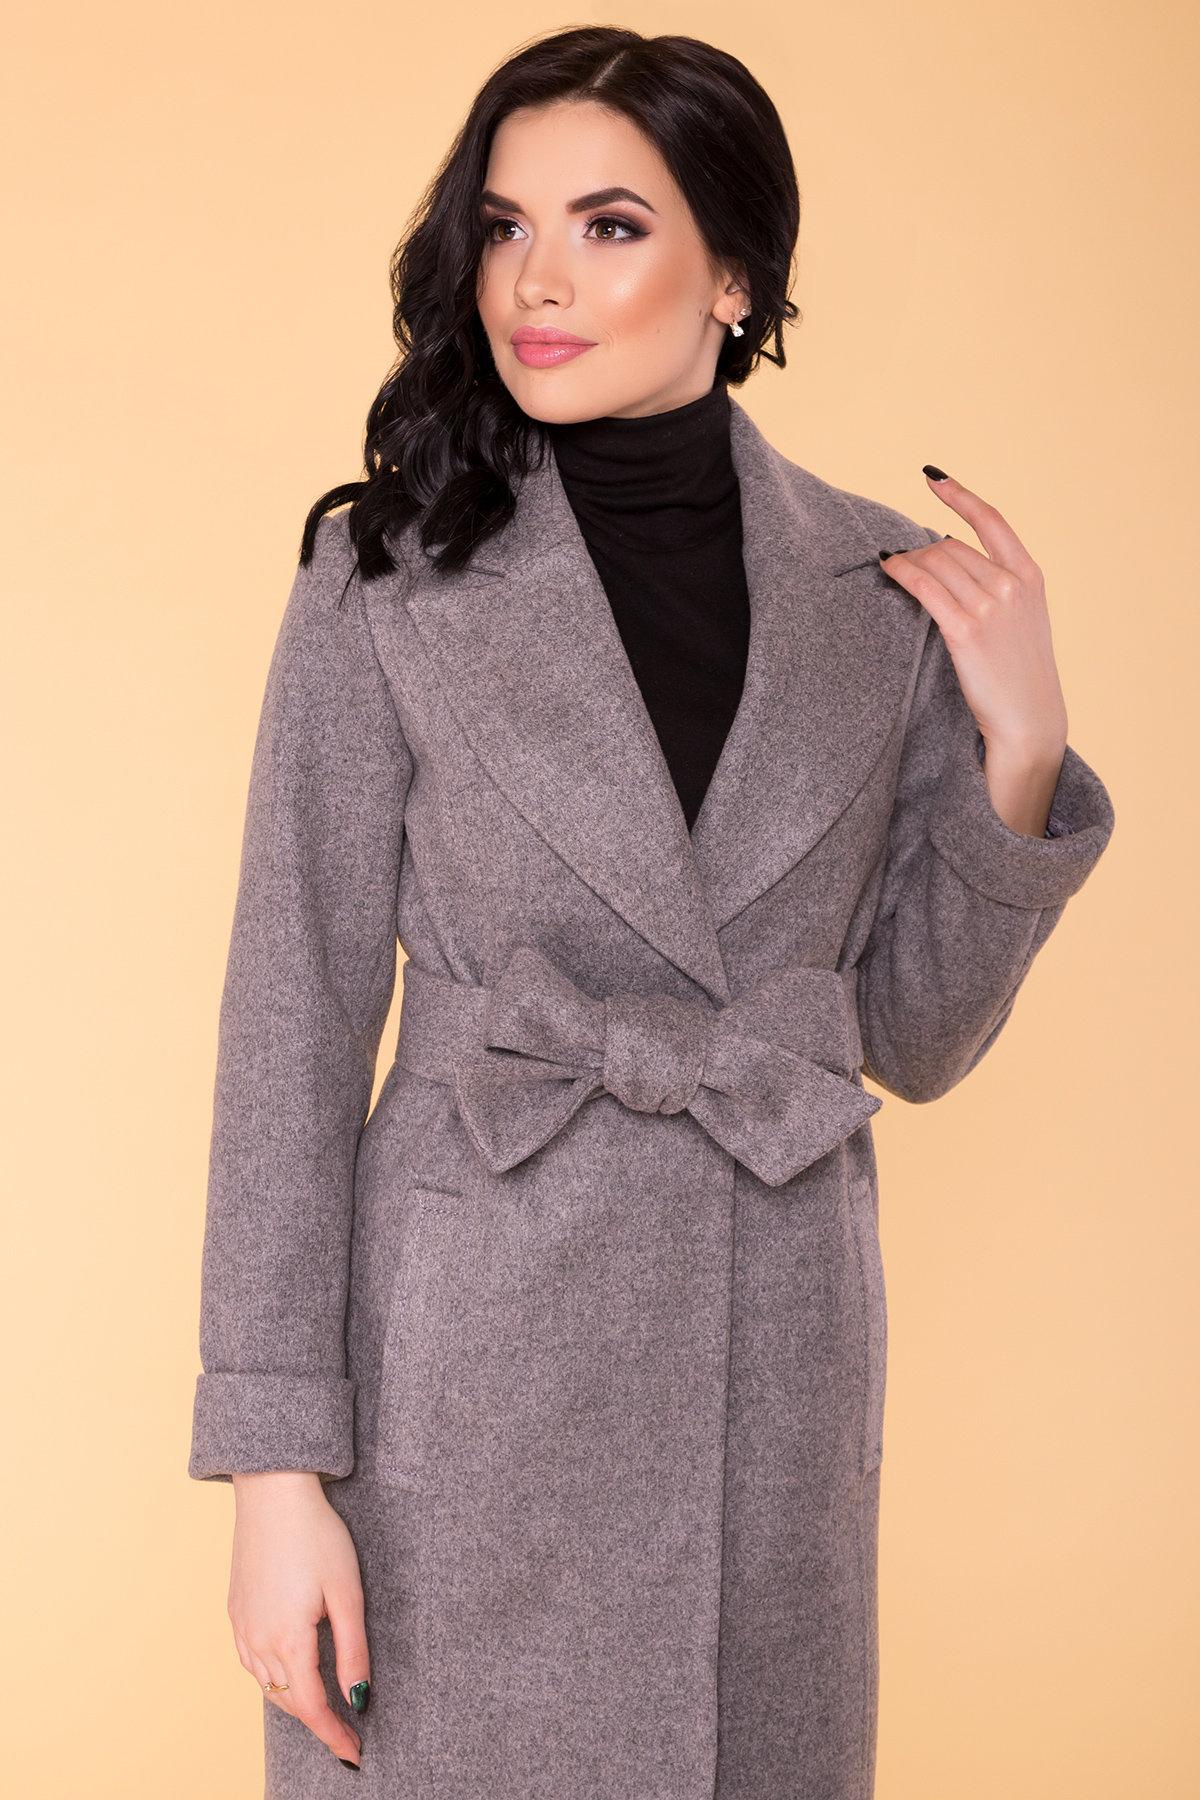 Пальто Лесли 6295 АРТ. 41118 Цвет: Карамель 20/1 - фото 5, интернет магазин tm-modus.ru